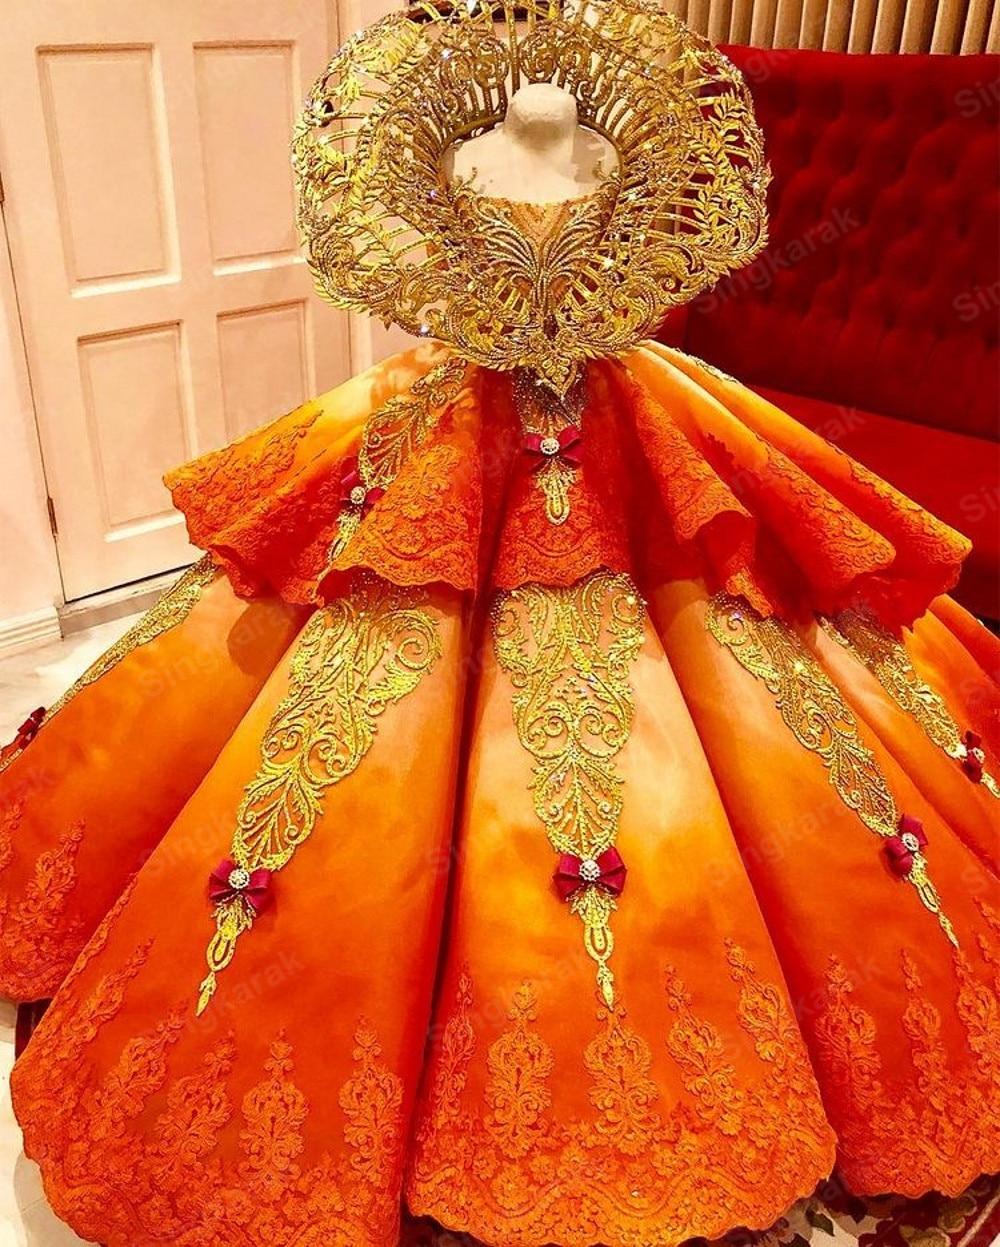 وصول جديد الذهب الأميرة فساتين Quinceanera 2021 الفاخرة المشاركة الحلو 15 16 فستان حفلة فساتين حفلات الزفاف بوتيك